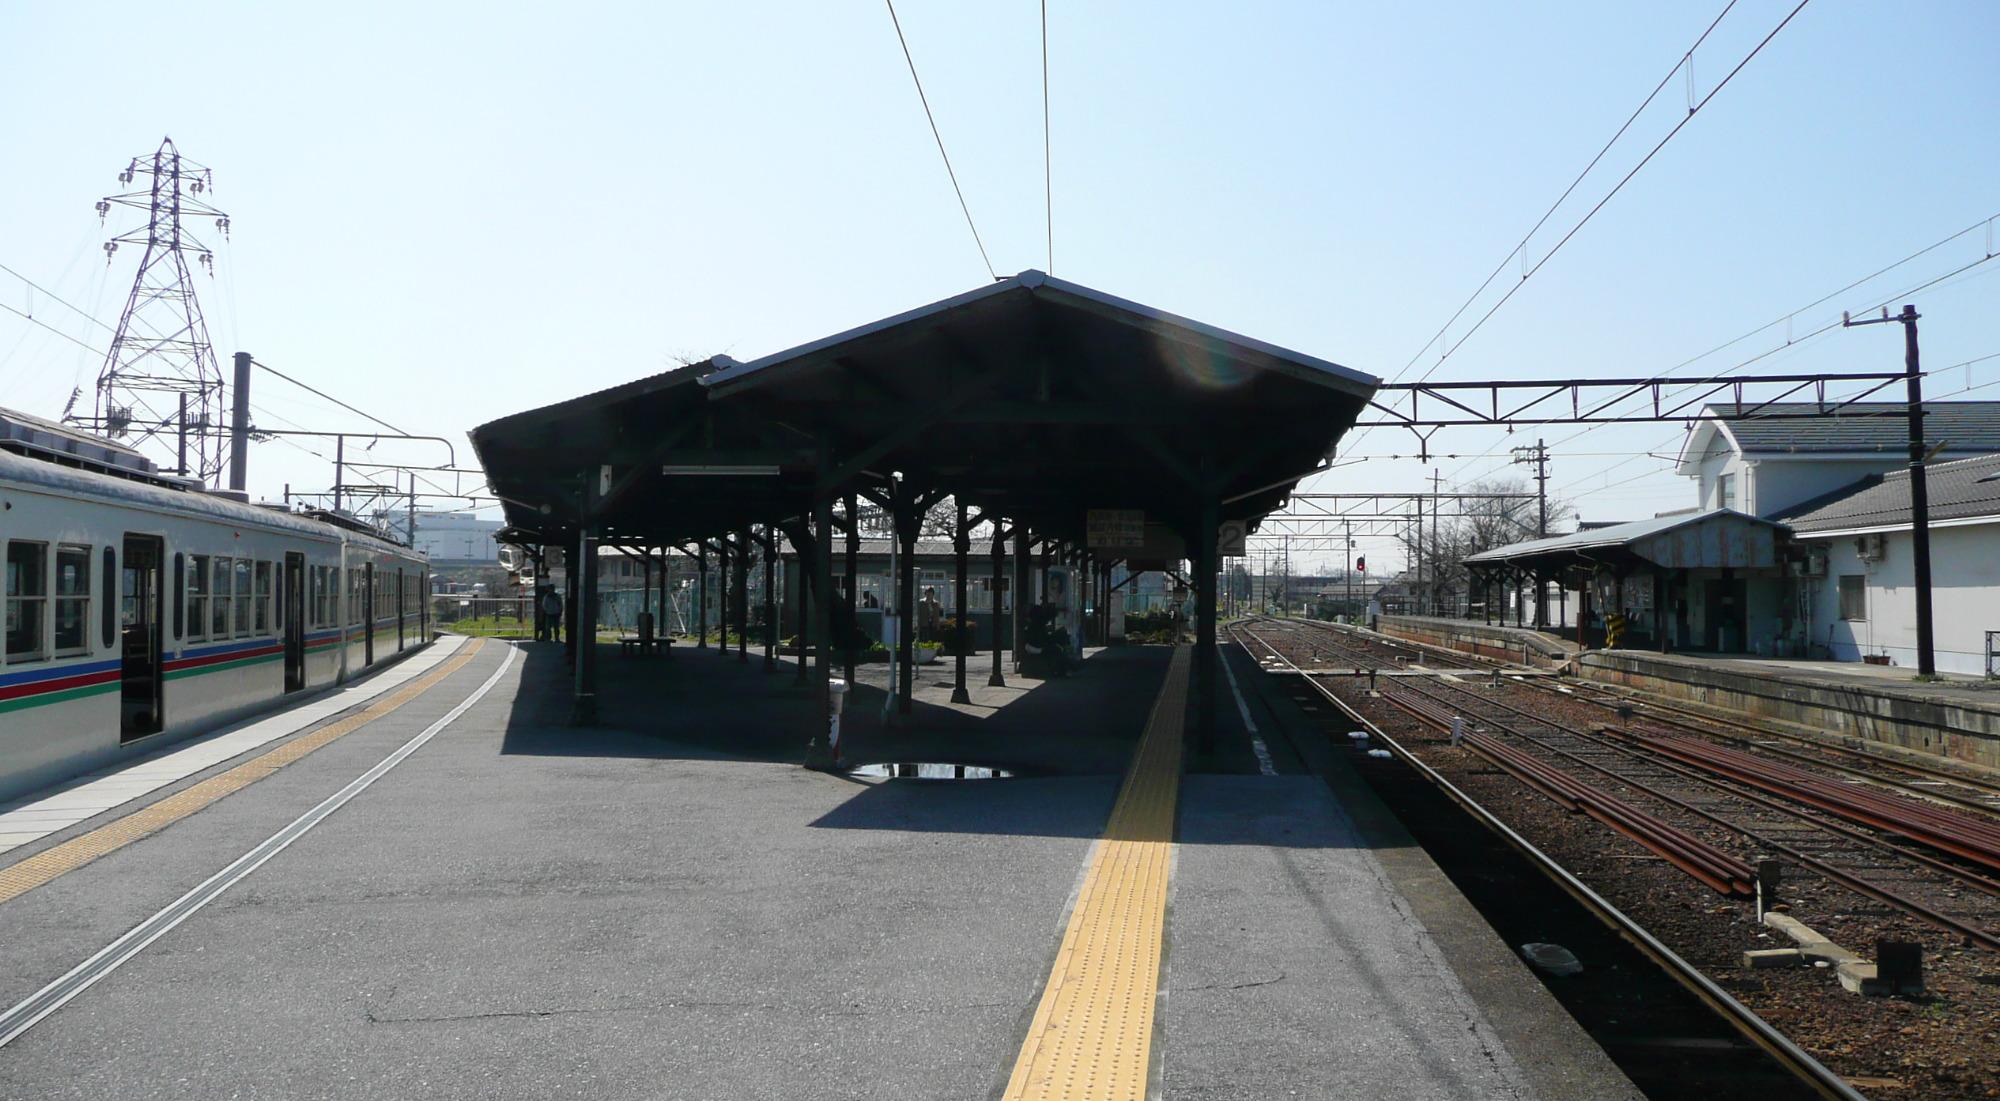 https://upload.wikimedia.org/wikipedia/commons/6/66/Shiga_Takamiya_Station_platform1.jpg